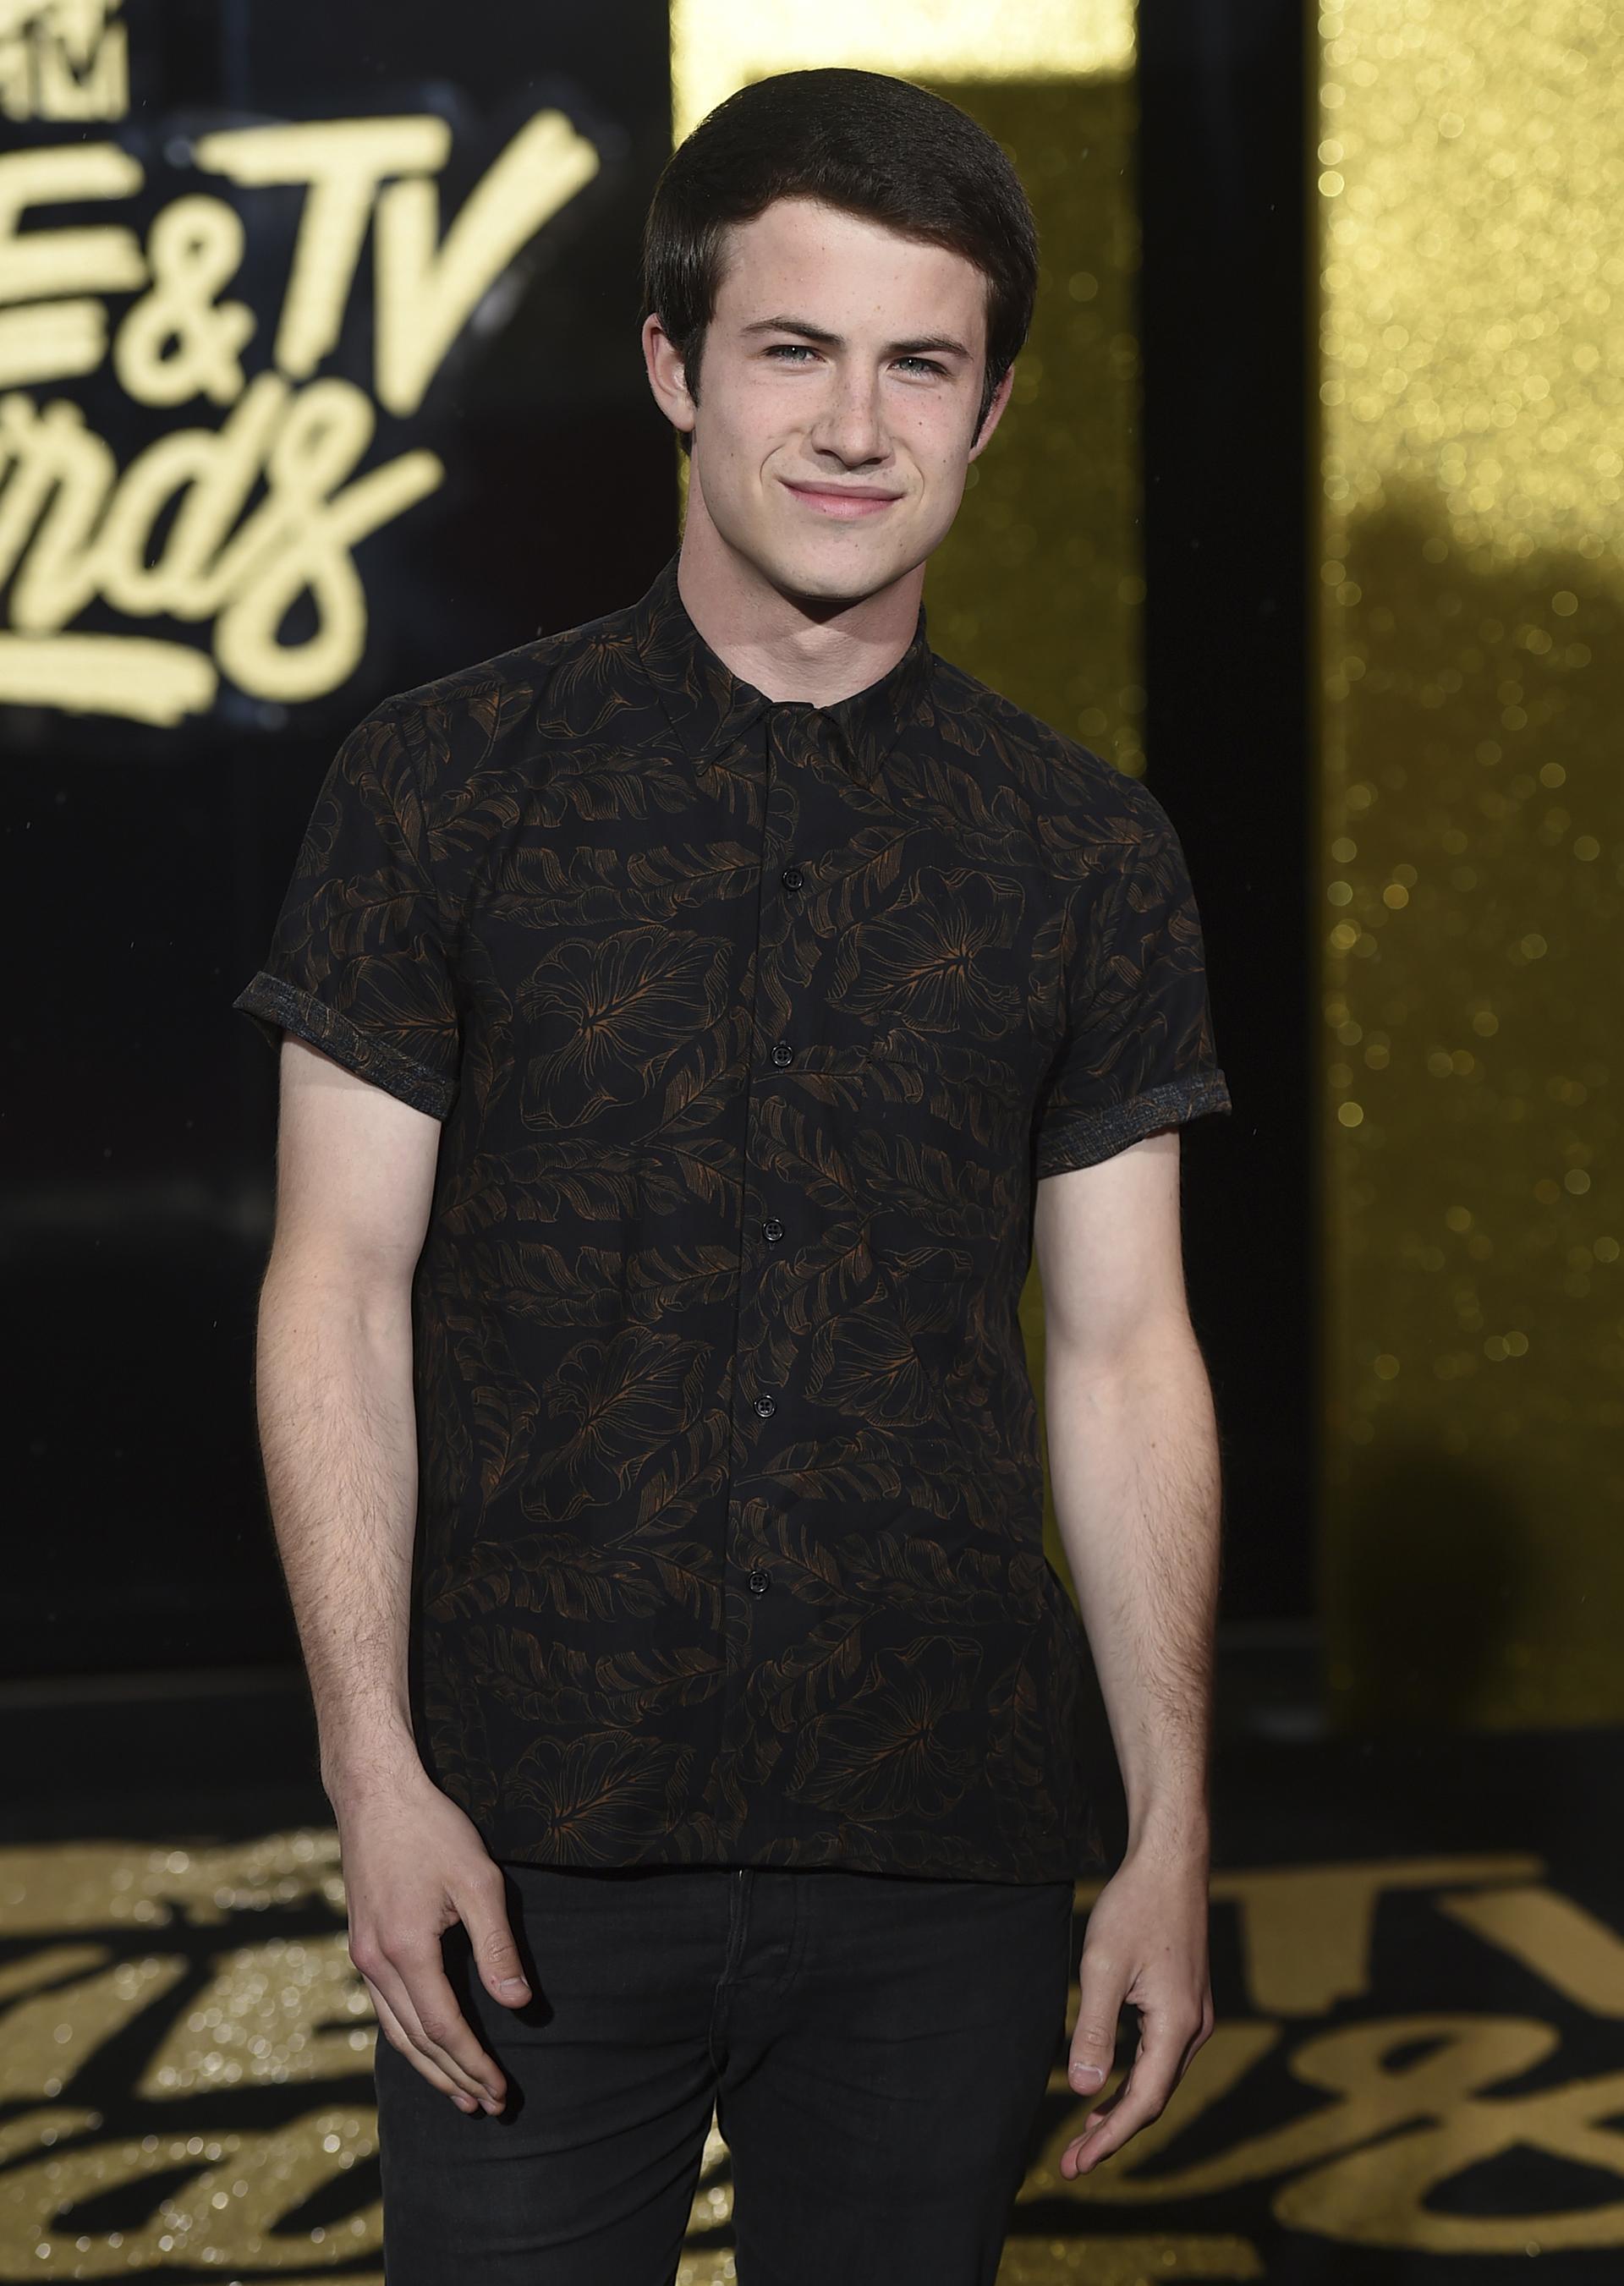 Dylan Minnette, el actor del momento, fue por lo casual en esta noche de premios optando por una camisa mangas cortas y un pantalón oscuro (Jordan Strauss/Invision/AP)